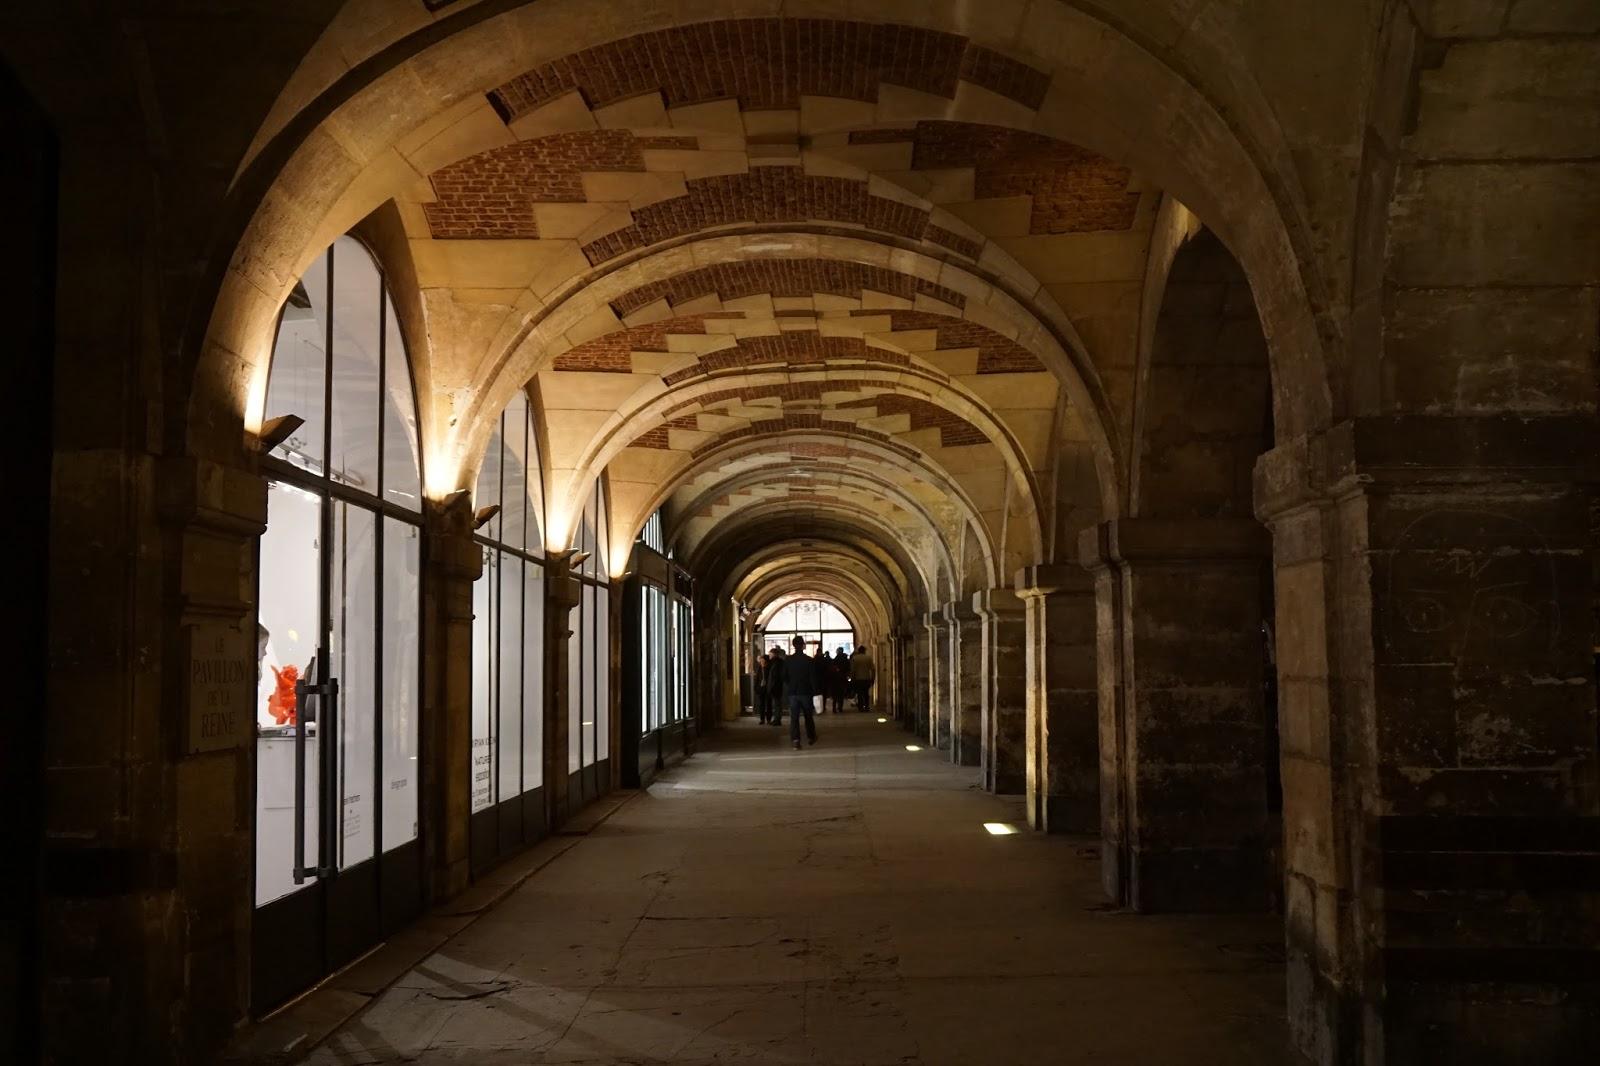 ヴォージュ広場(Place des Vosges)の回廊